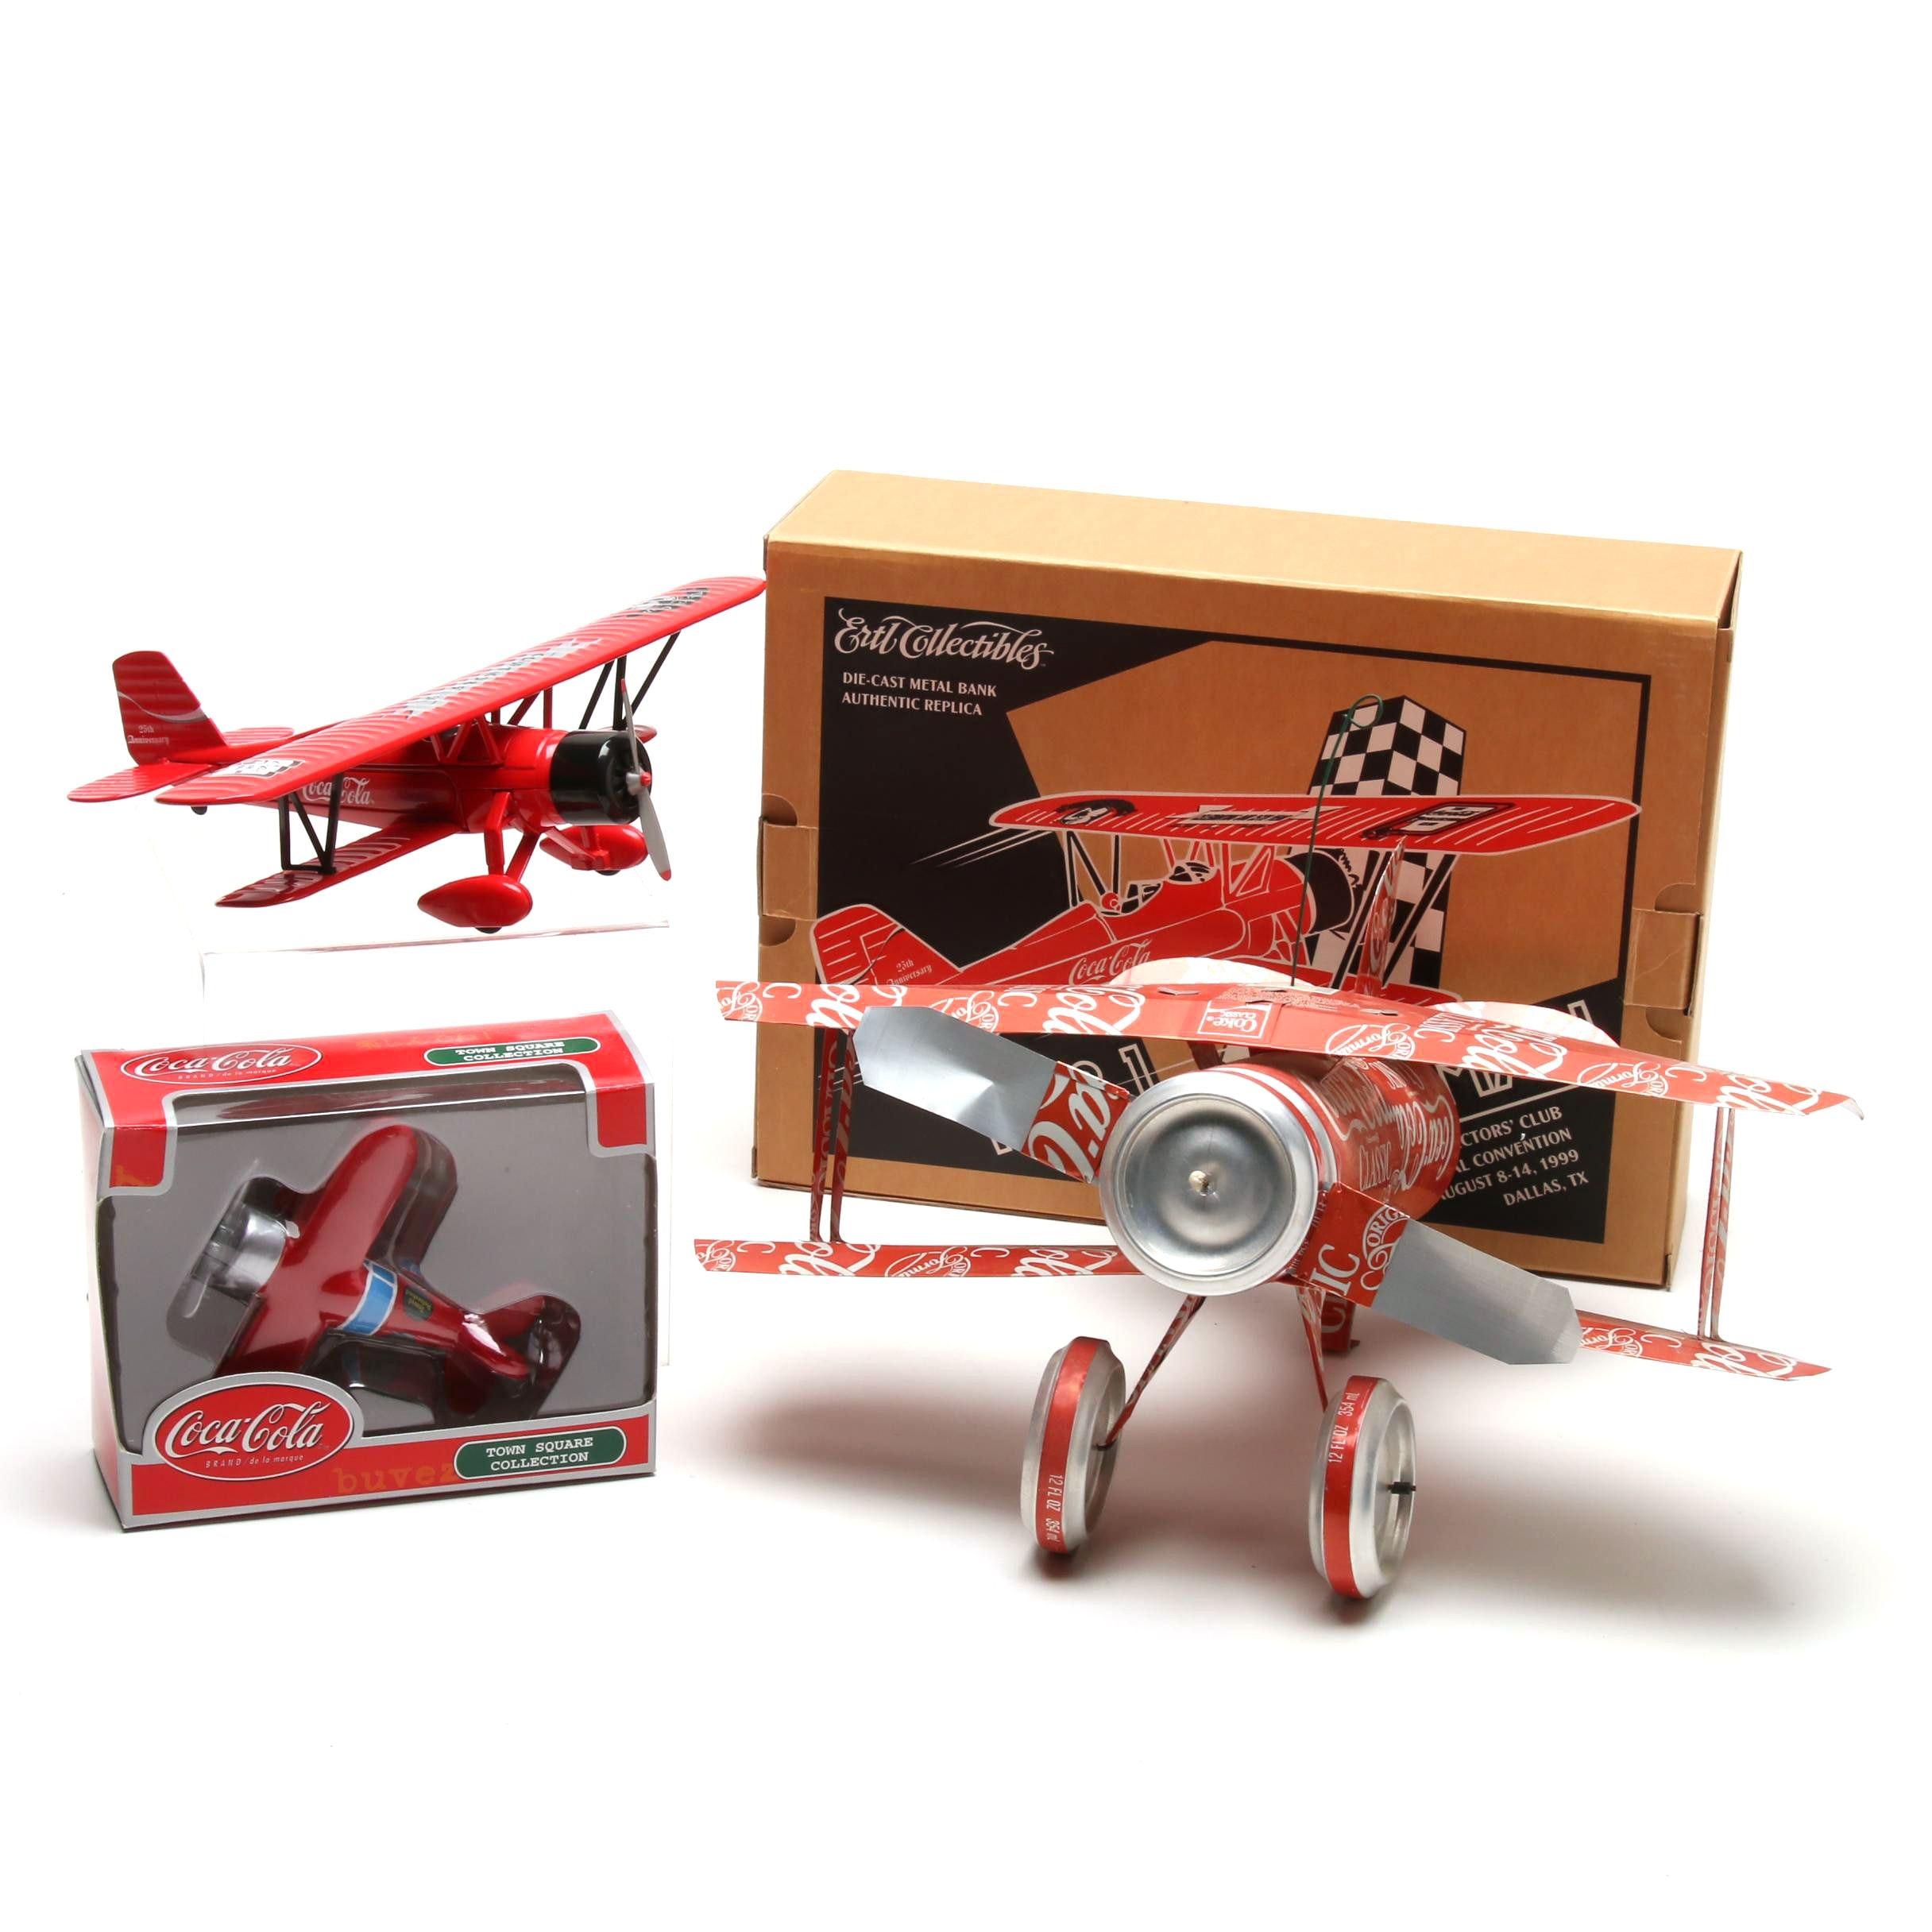 Aviation Themed Coca-Cola Memorabilia